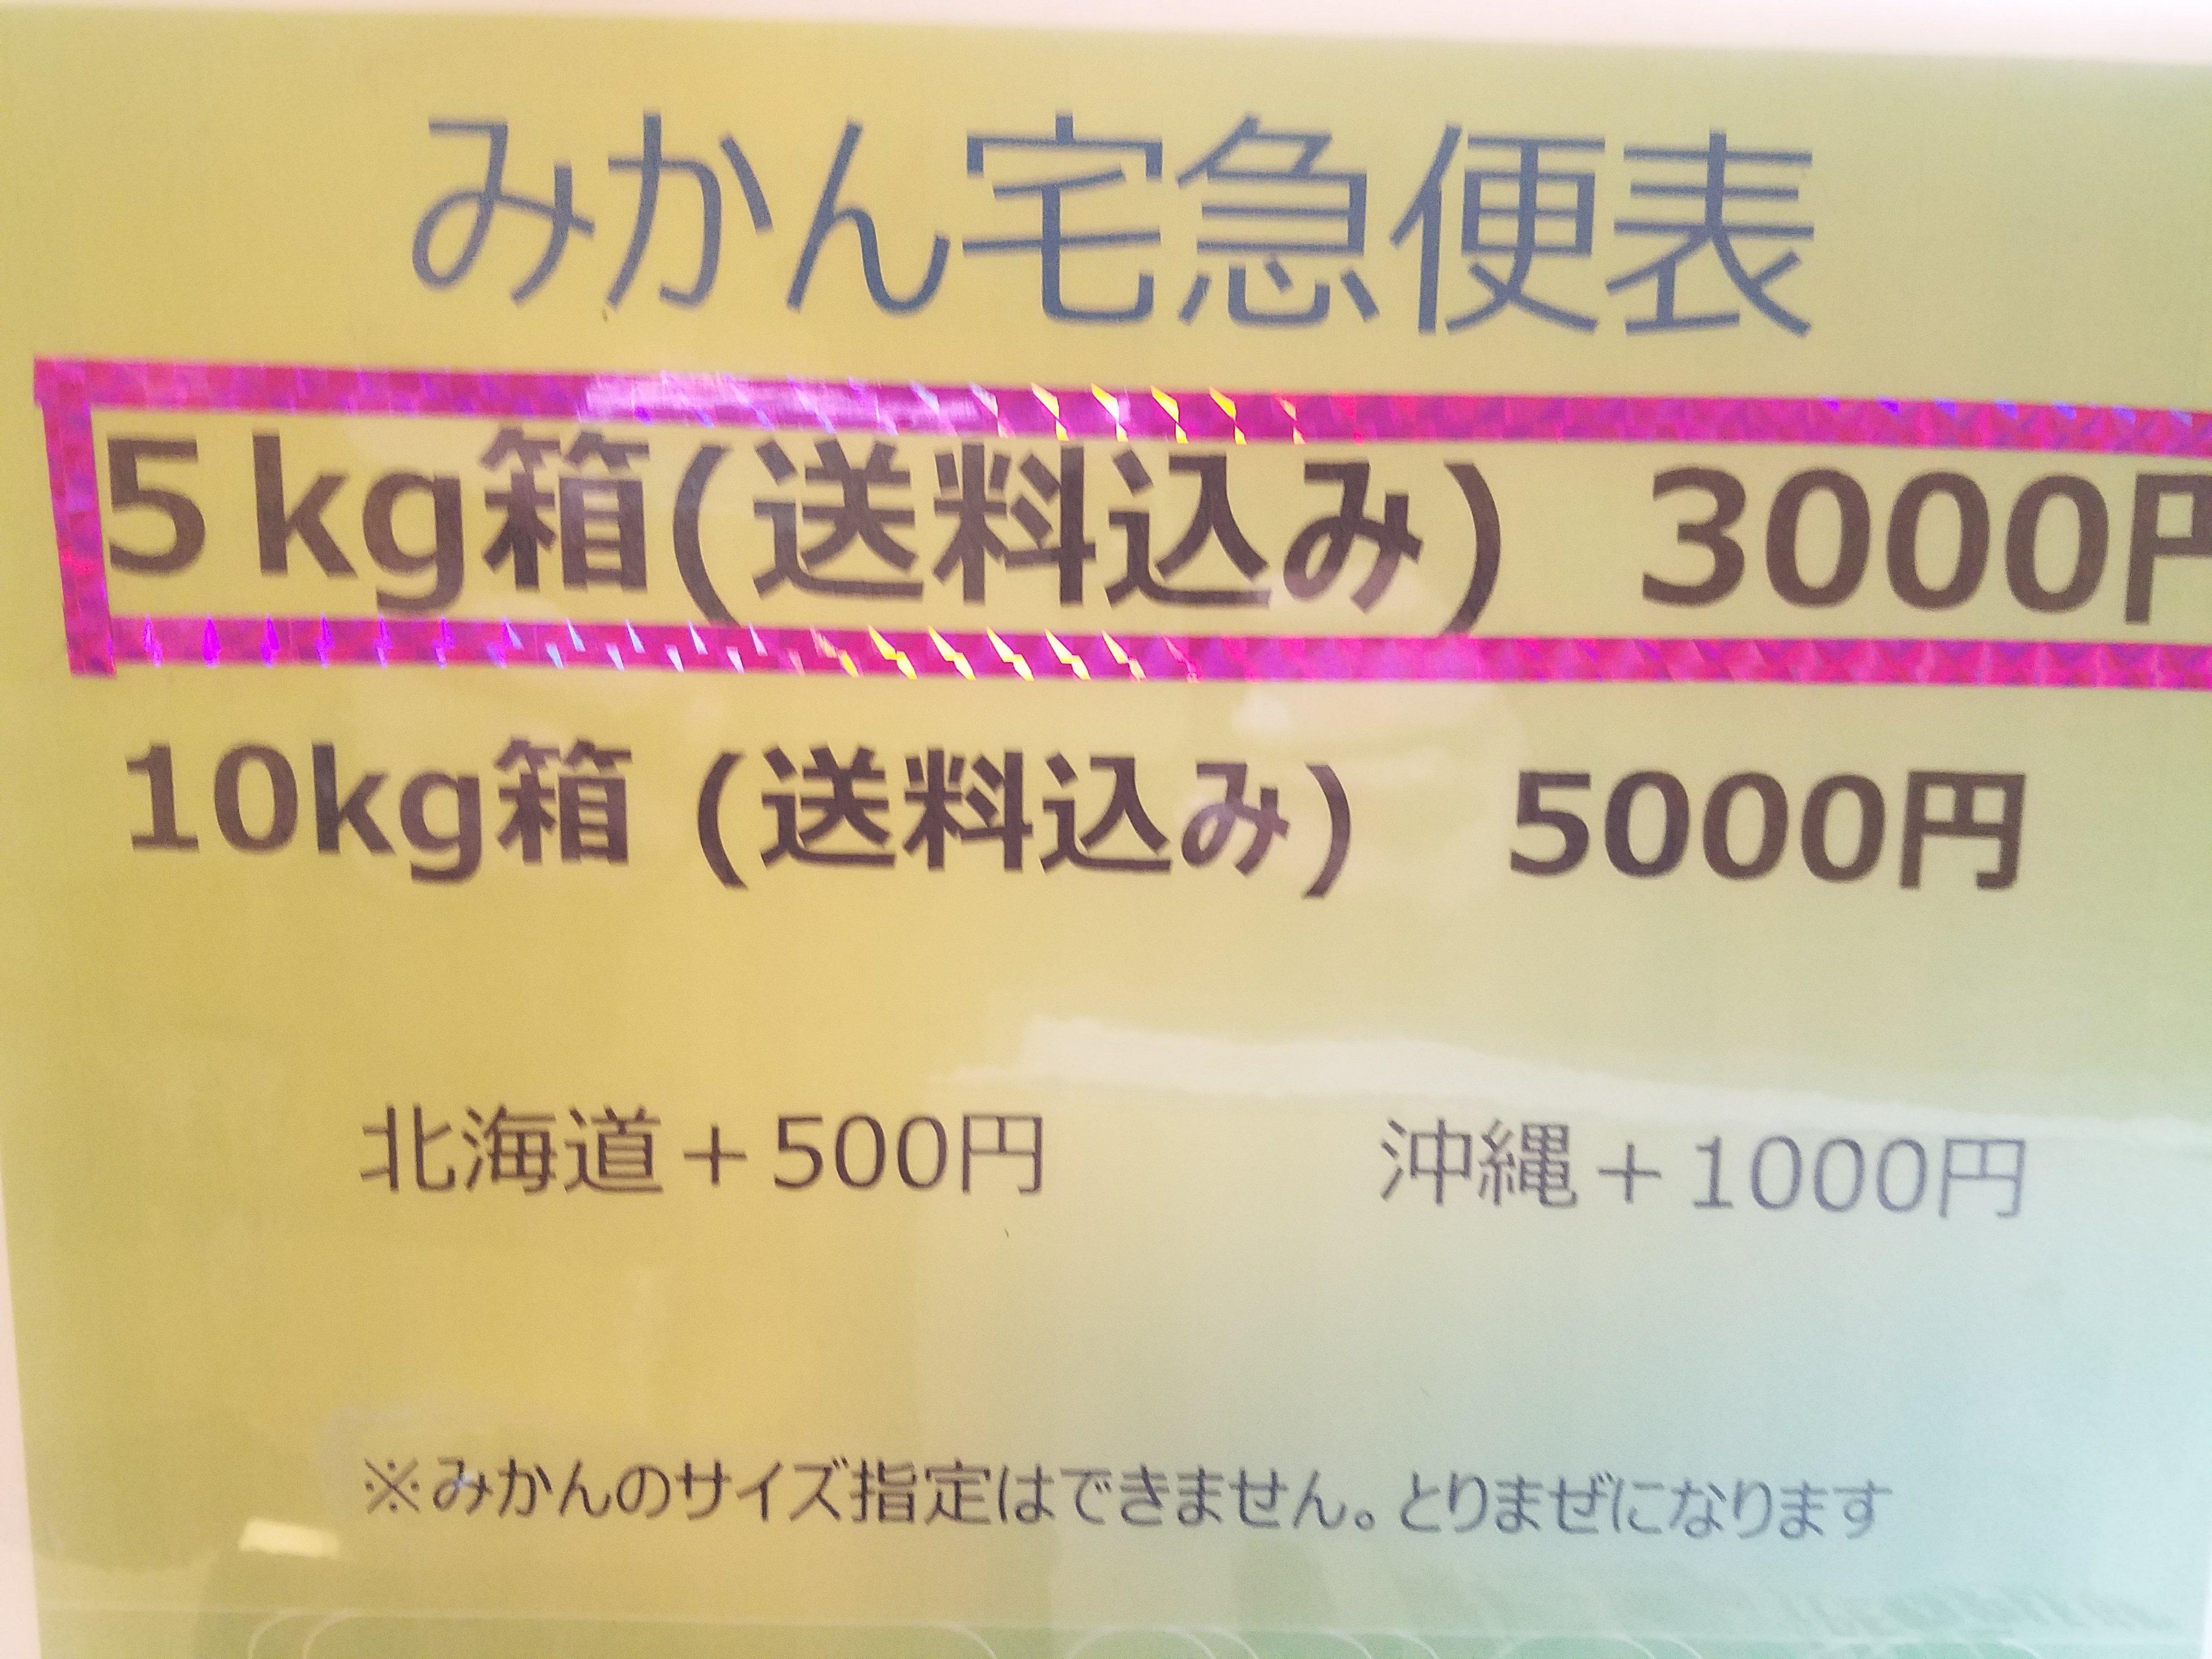 宅配便料金変更のお知らせ